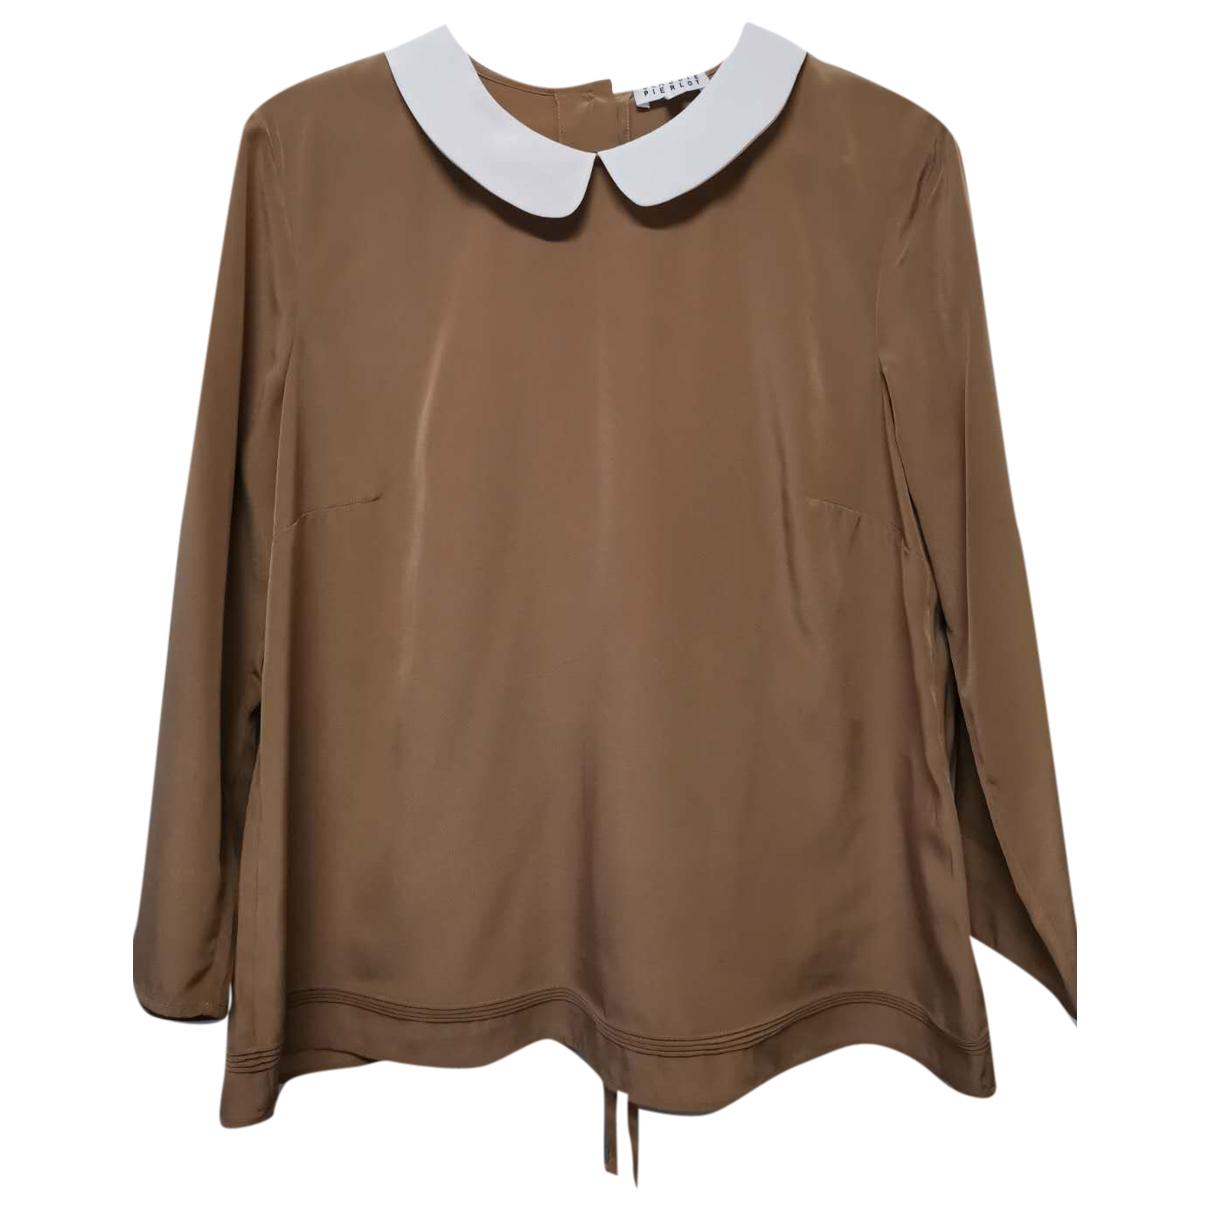 Claudie Pierlot - Top   pour femme - camel